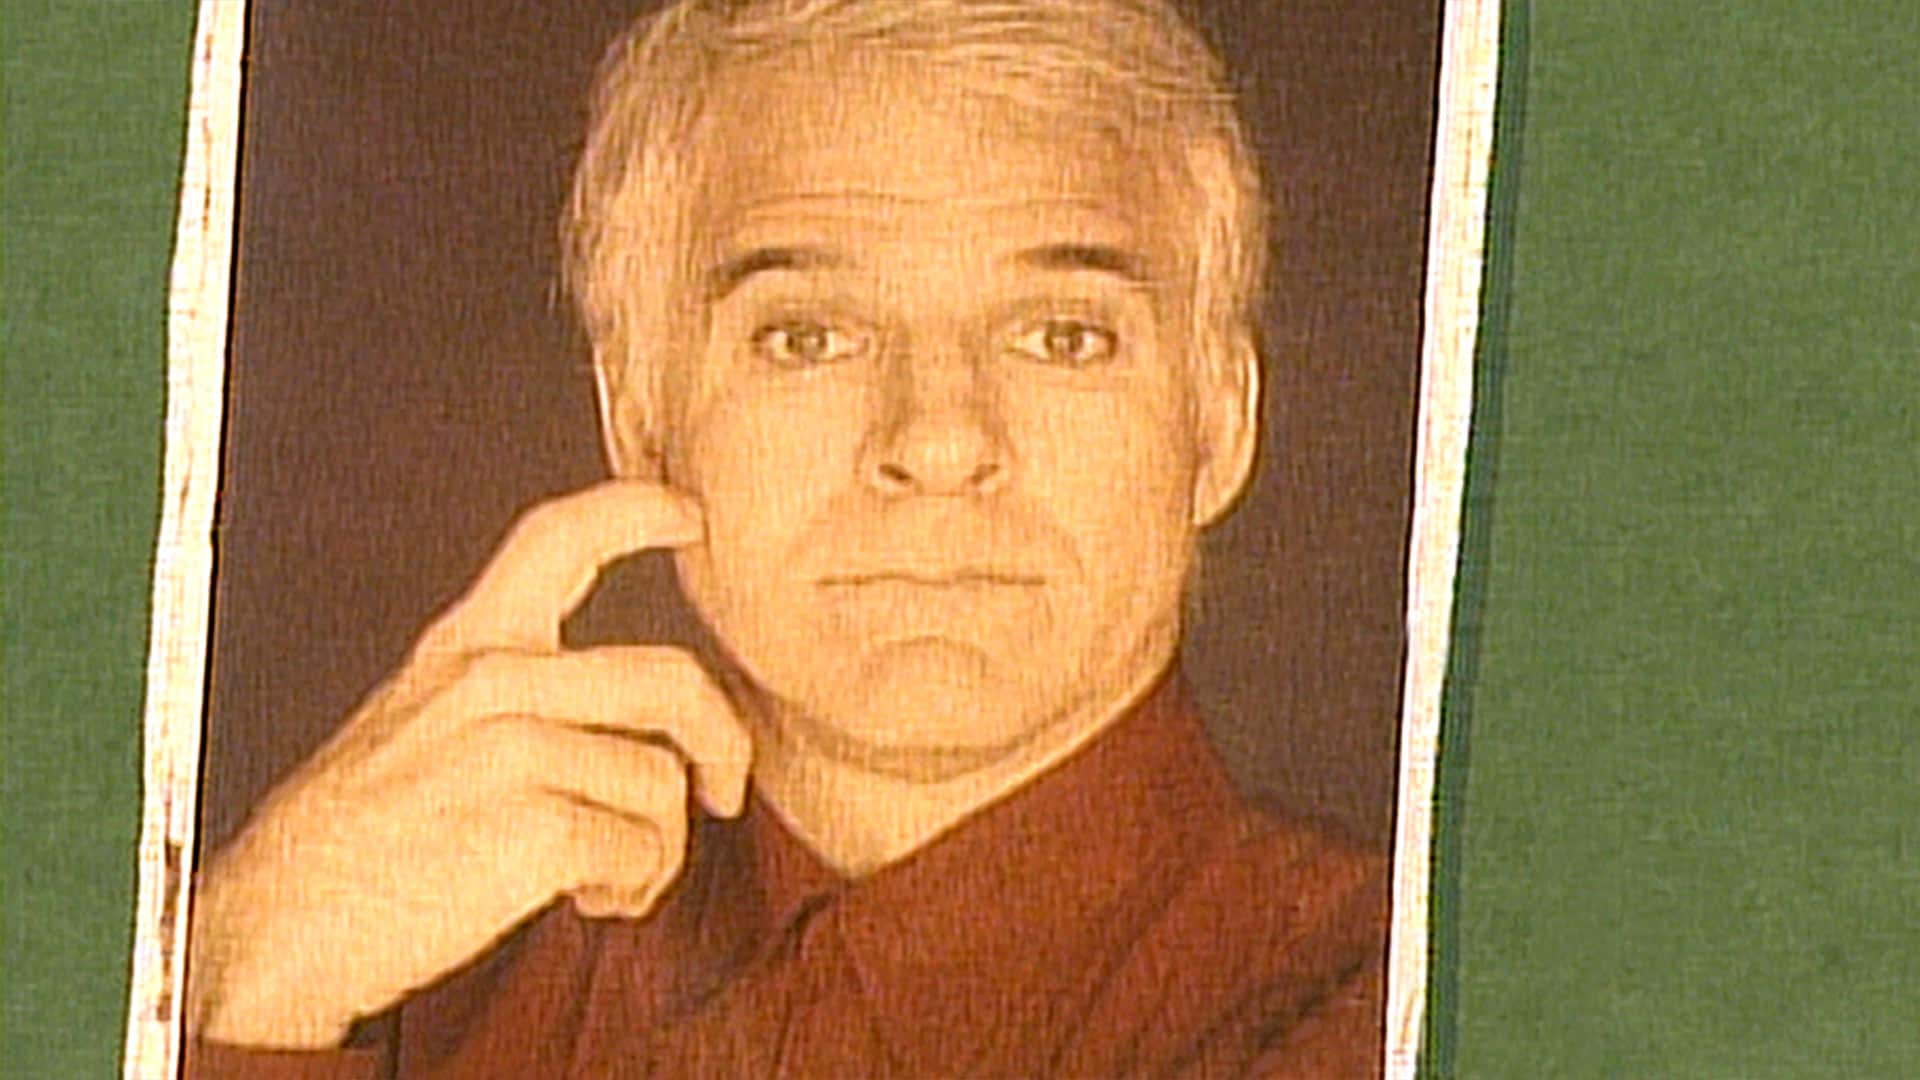 Steve Martin: December 14, 1991